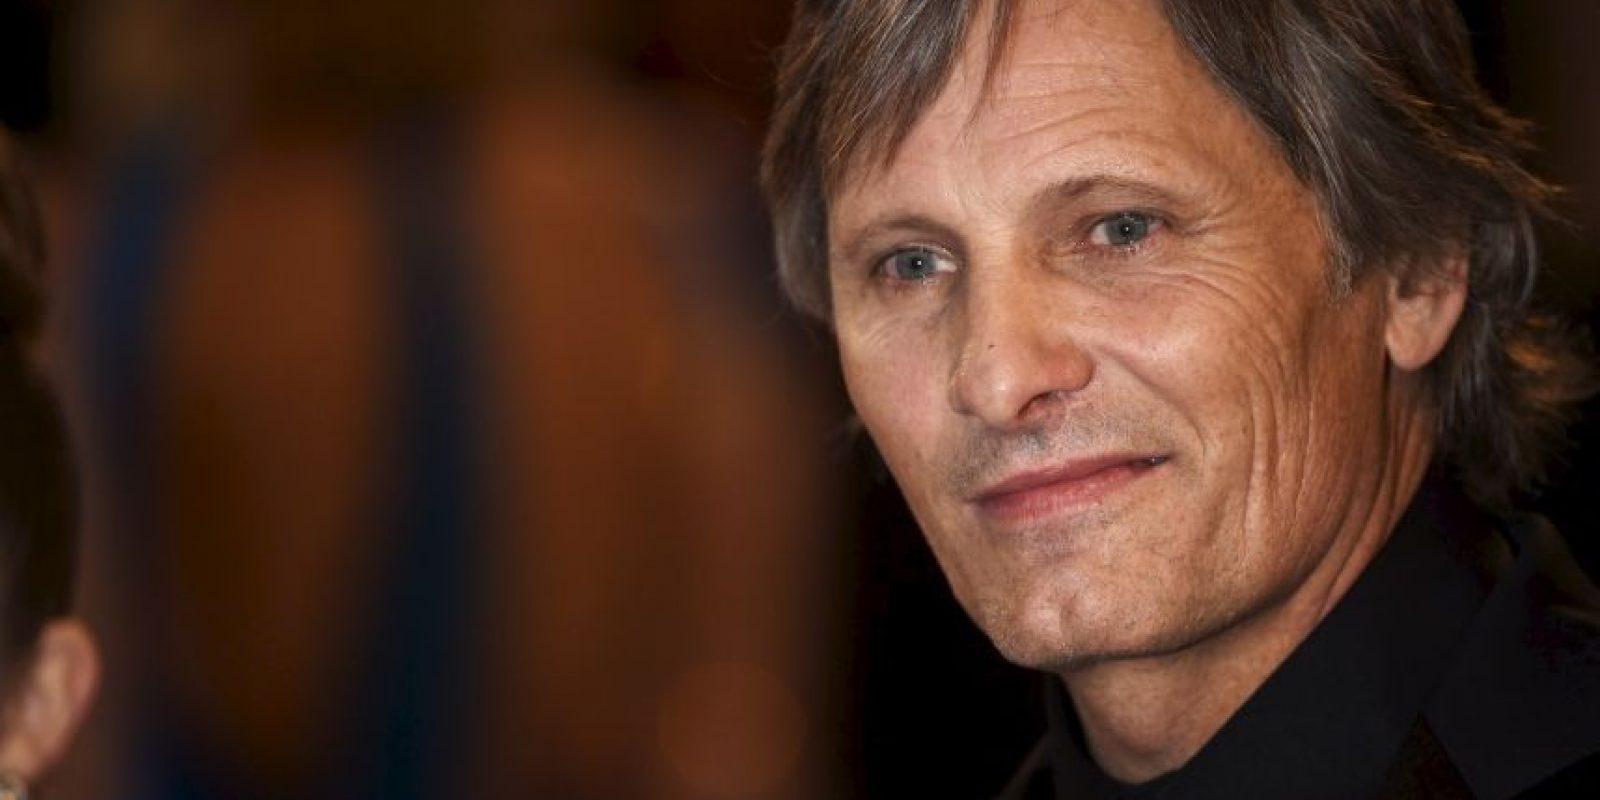 Viggo Mortensen actualmente tiene 57 años Foto:Getty Images